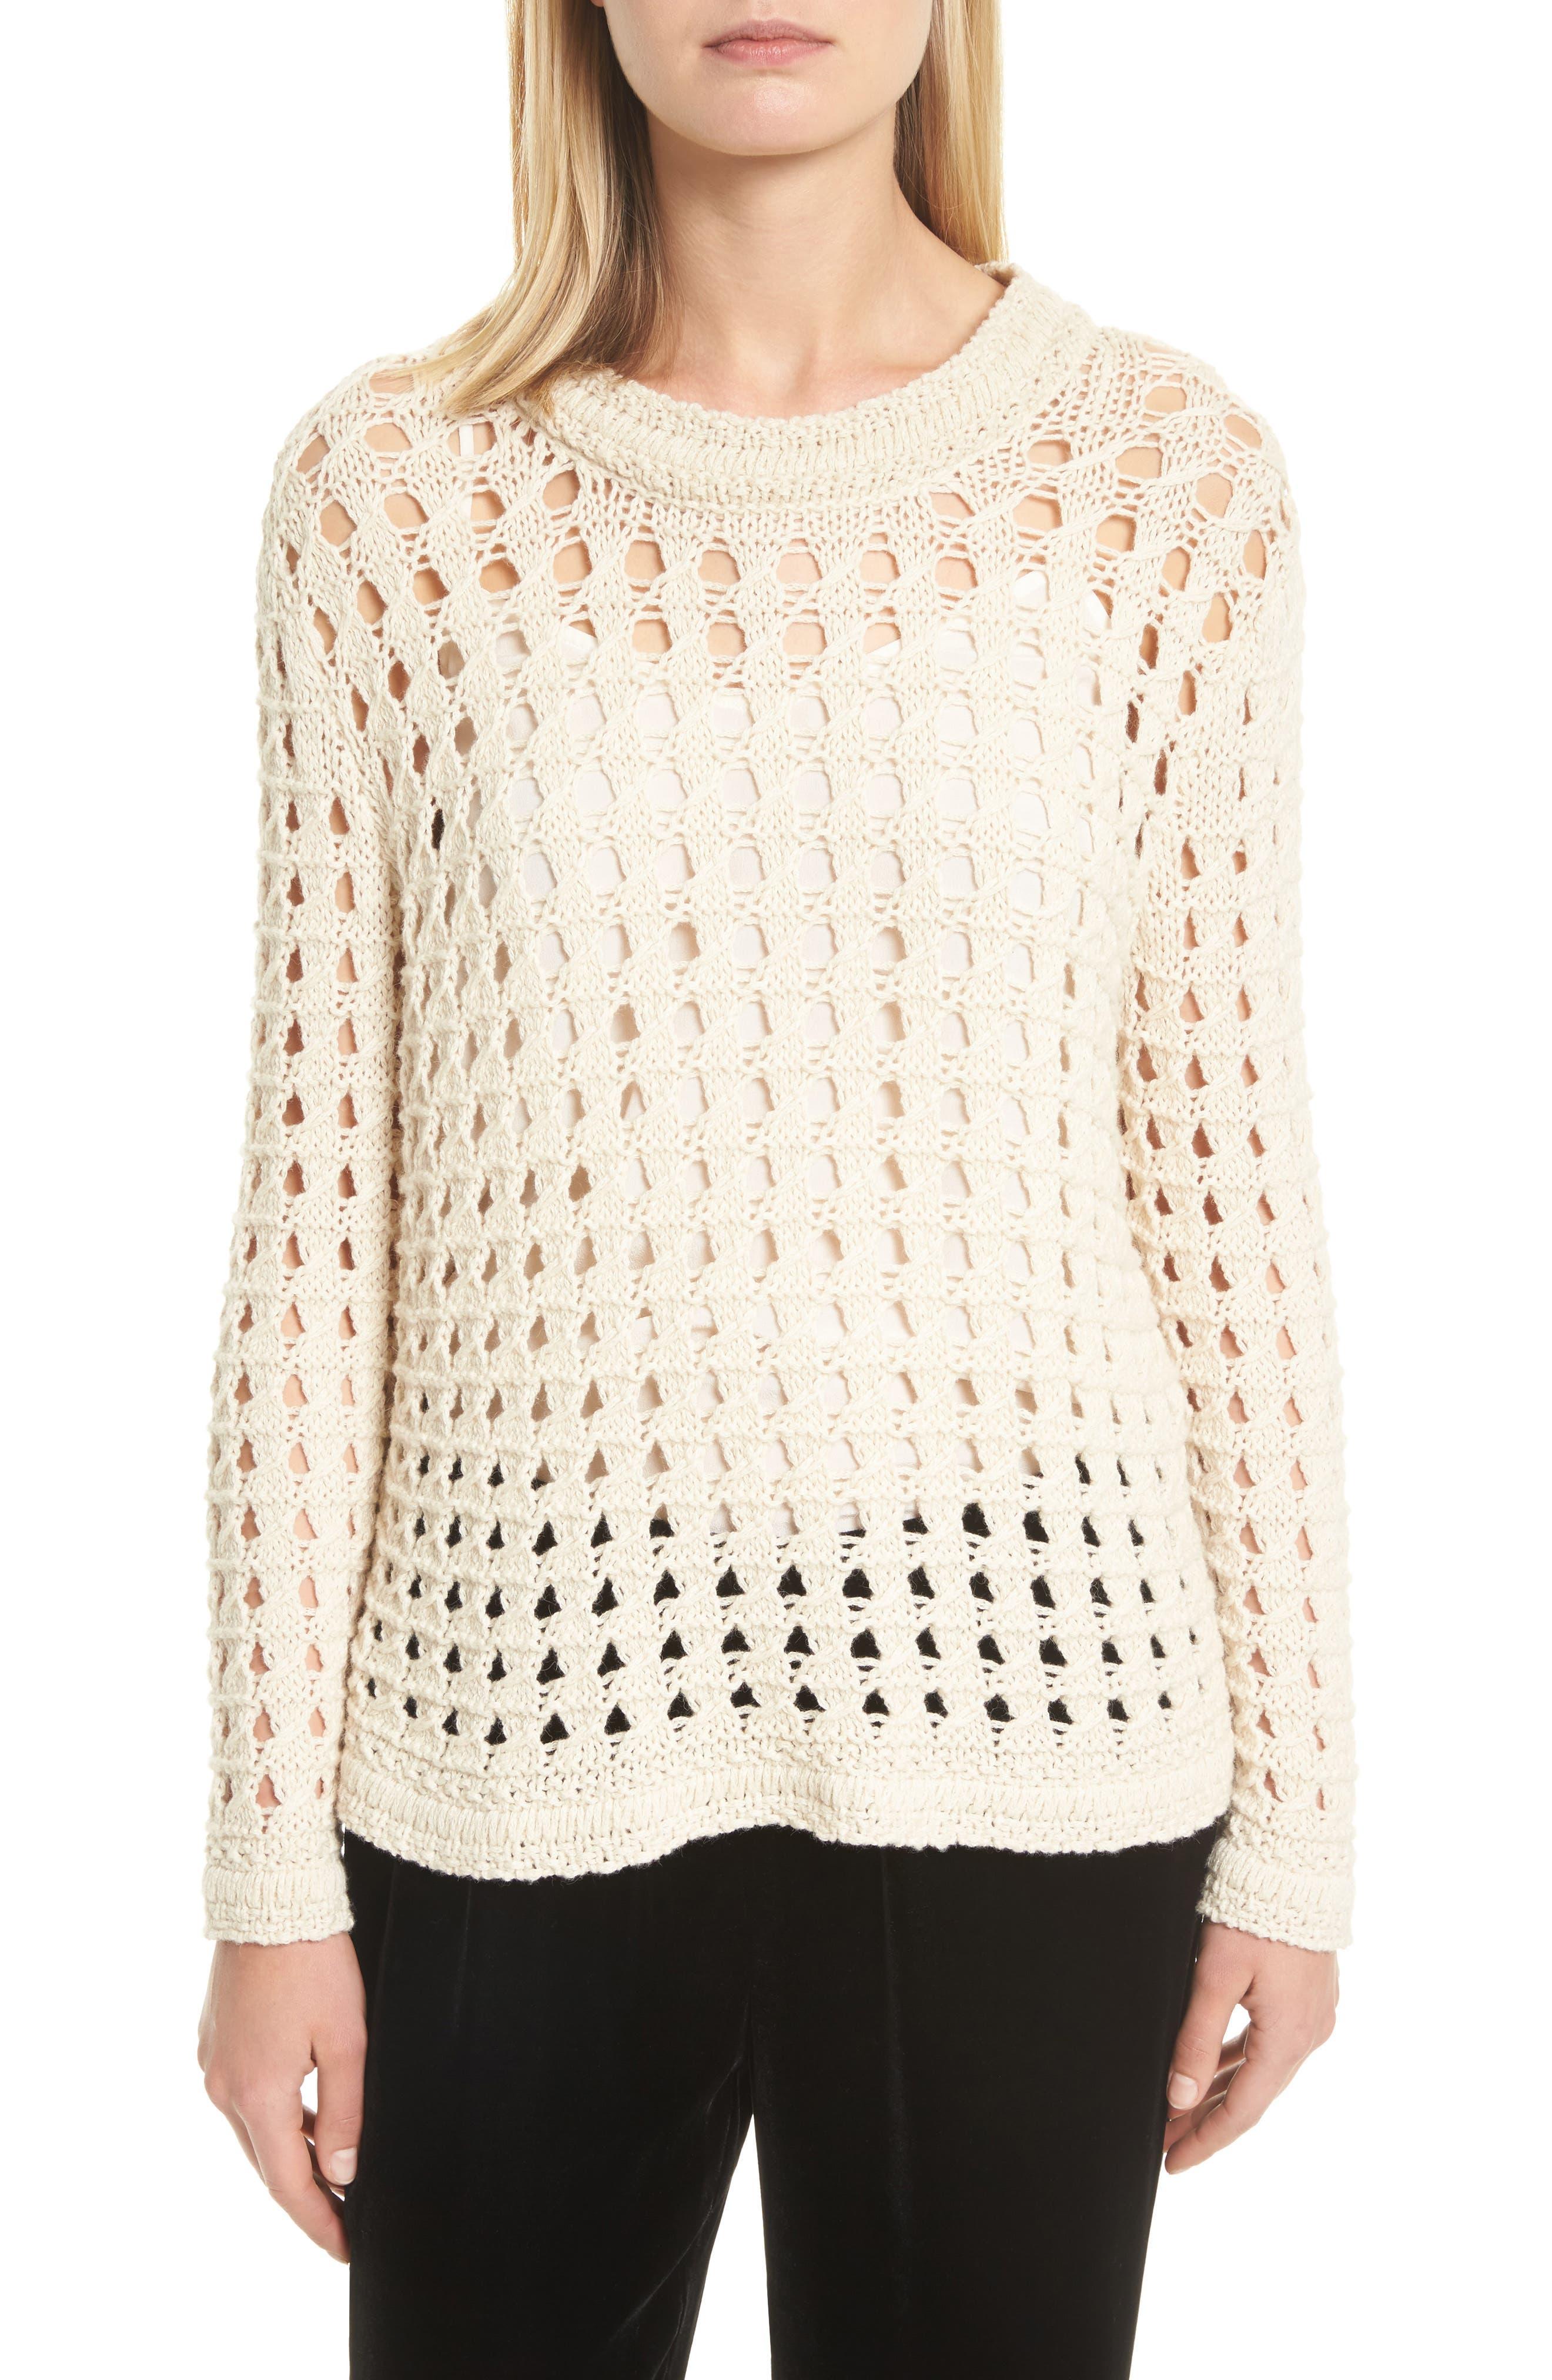 Macha Open Stitch Cotton & Alpaca Sweater,                         Main,                         color, Natural